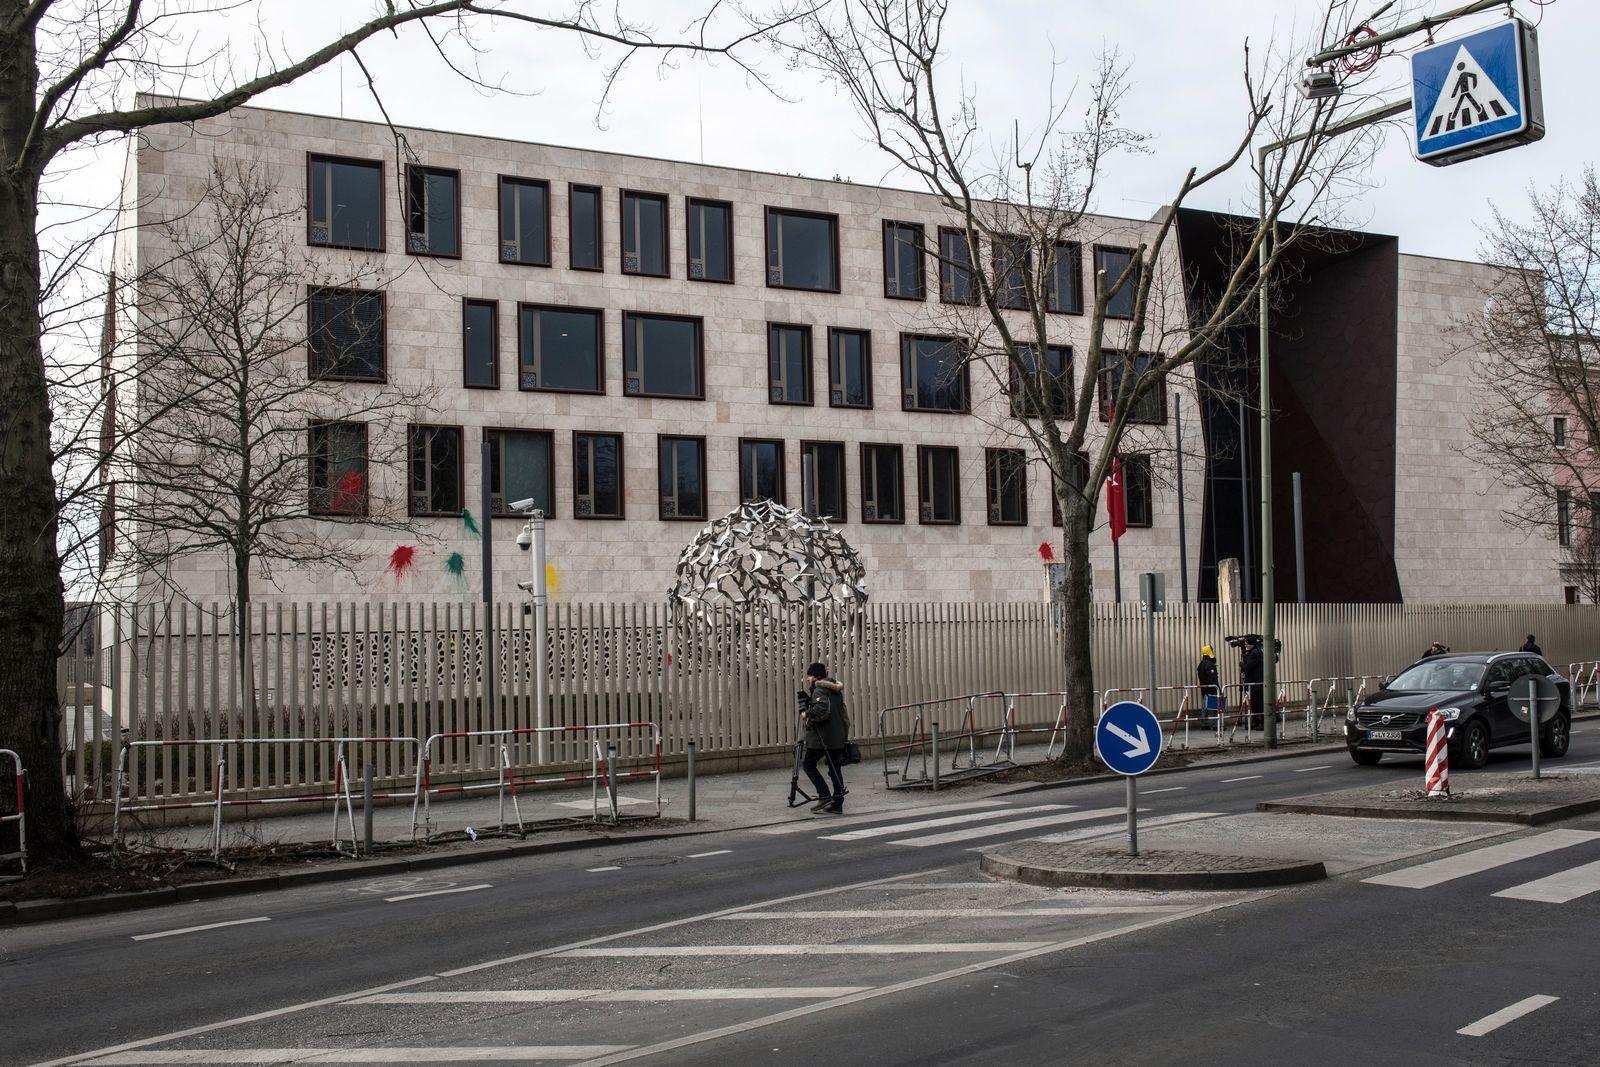 Farbbeutel-Attacken auf türkische Botschaft